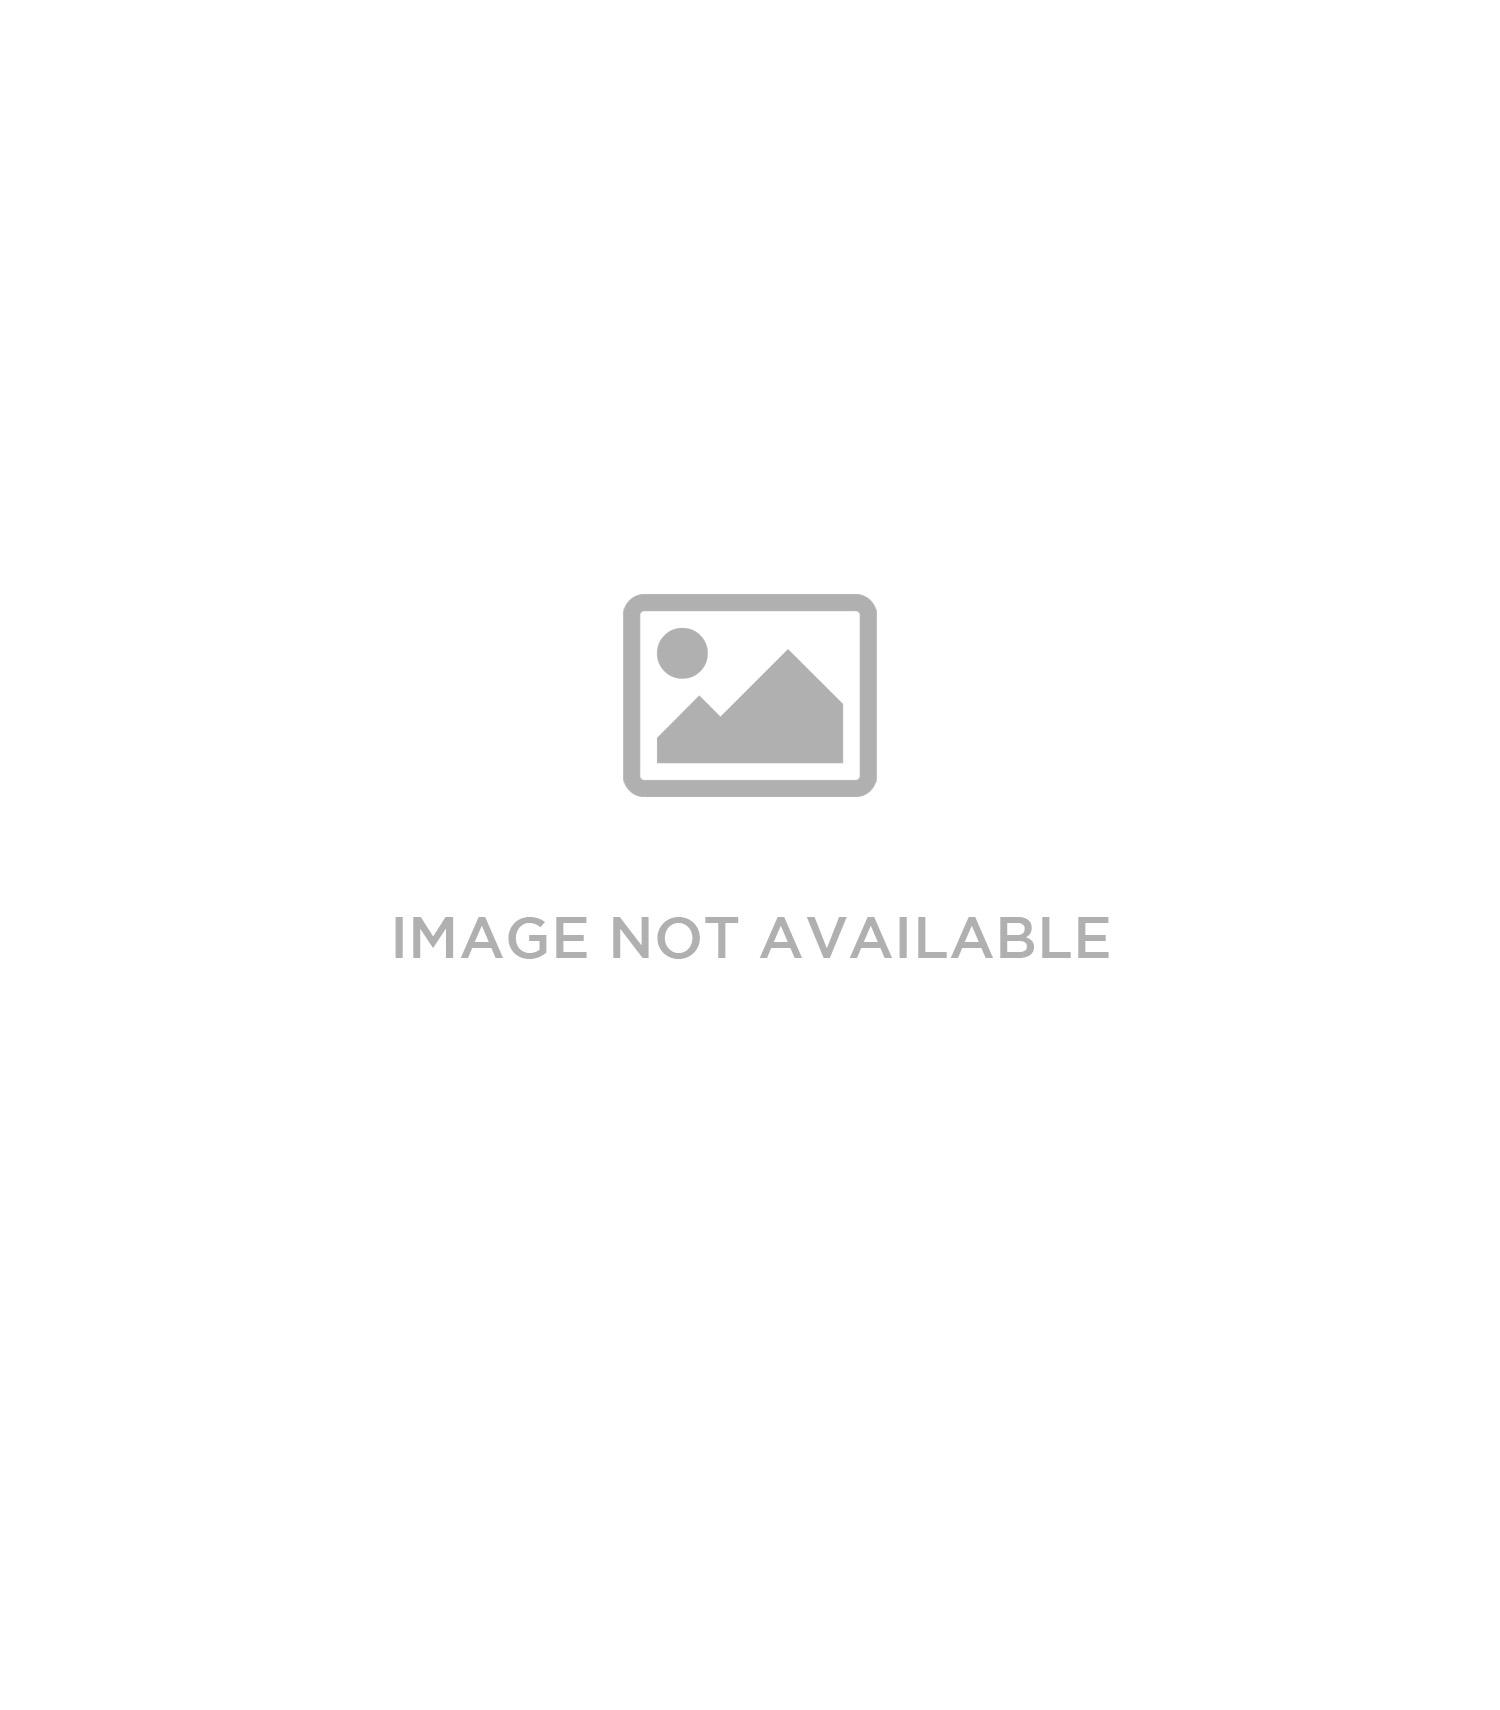 b60a8d34e6c874 Home; GILDAN® DRYBLEND™ T-SHIRT. 8000. Orange · Click to View Image ...